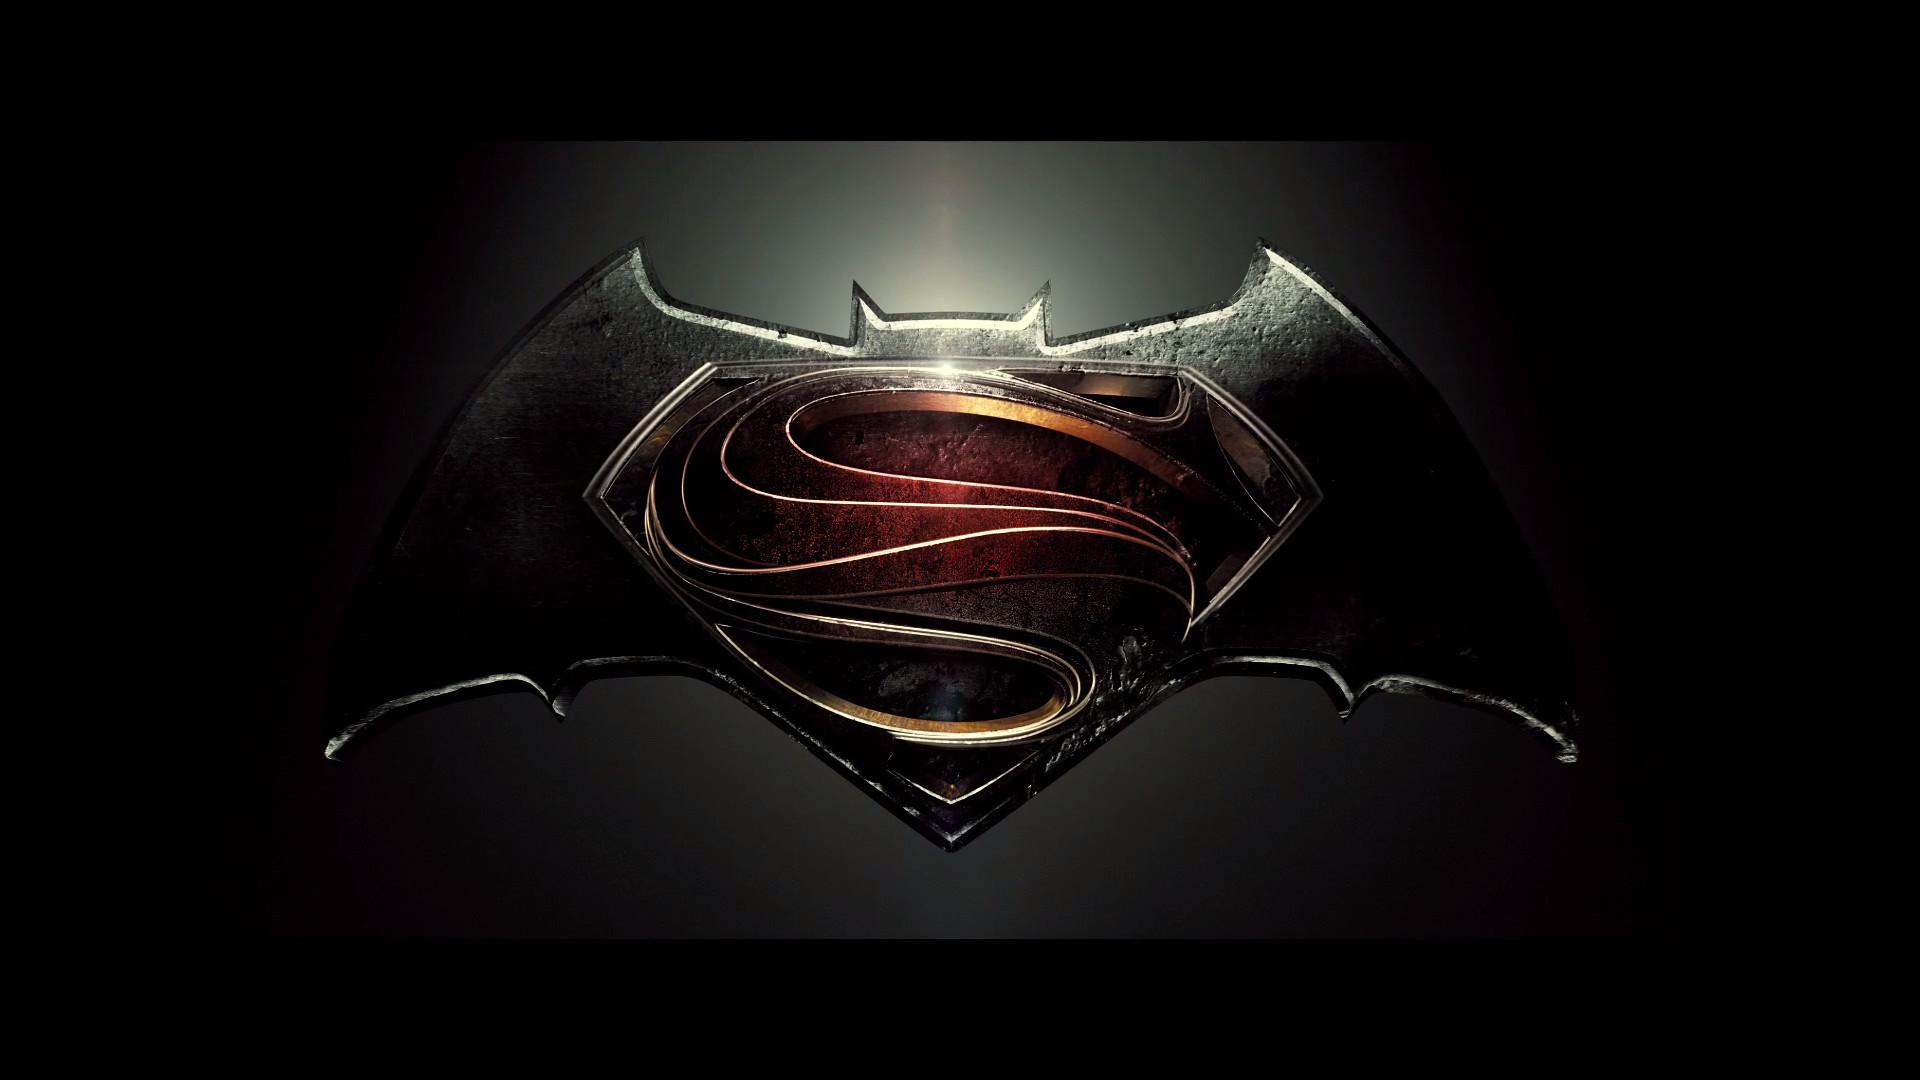 Batman vs Superman 1080p Wallpapers (77+ images)